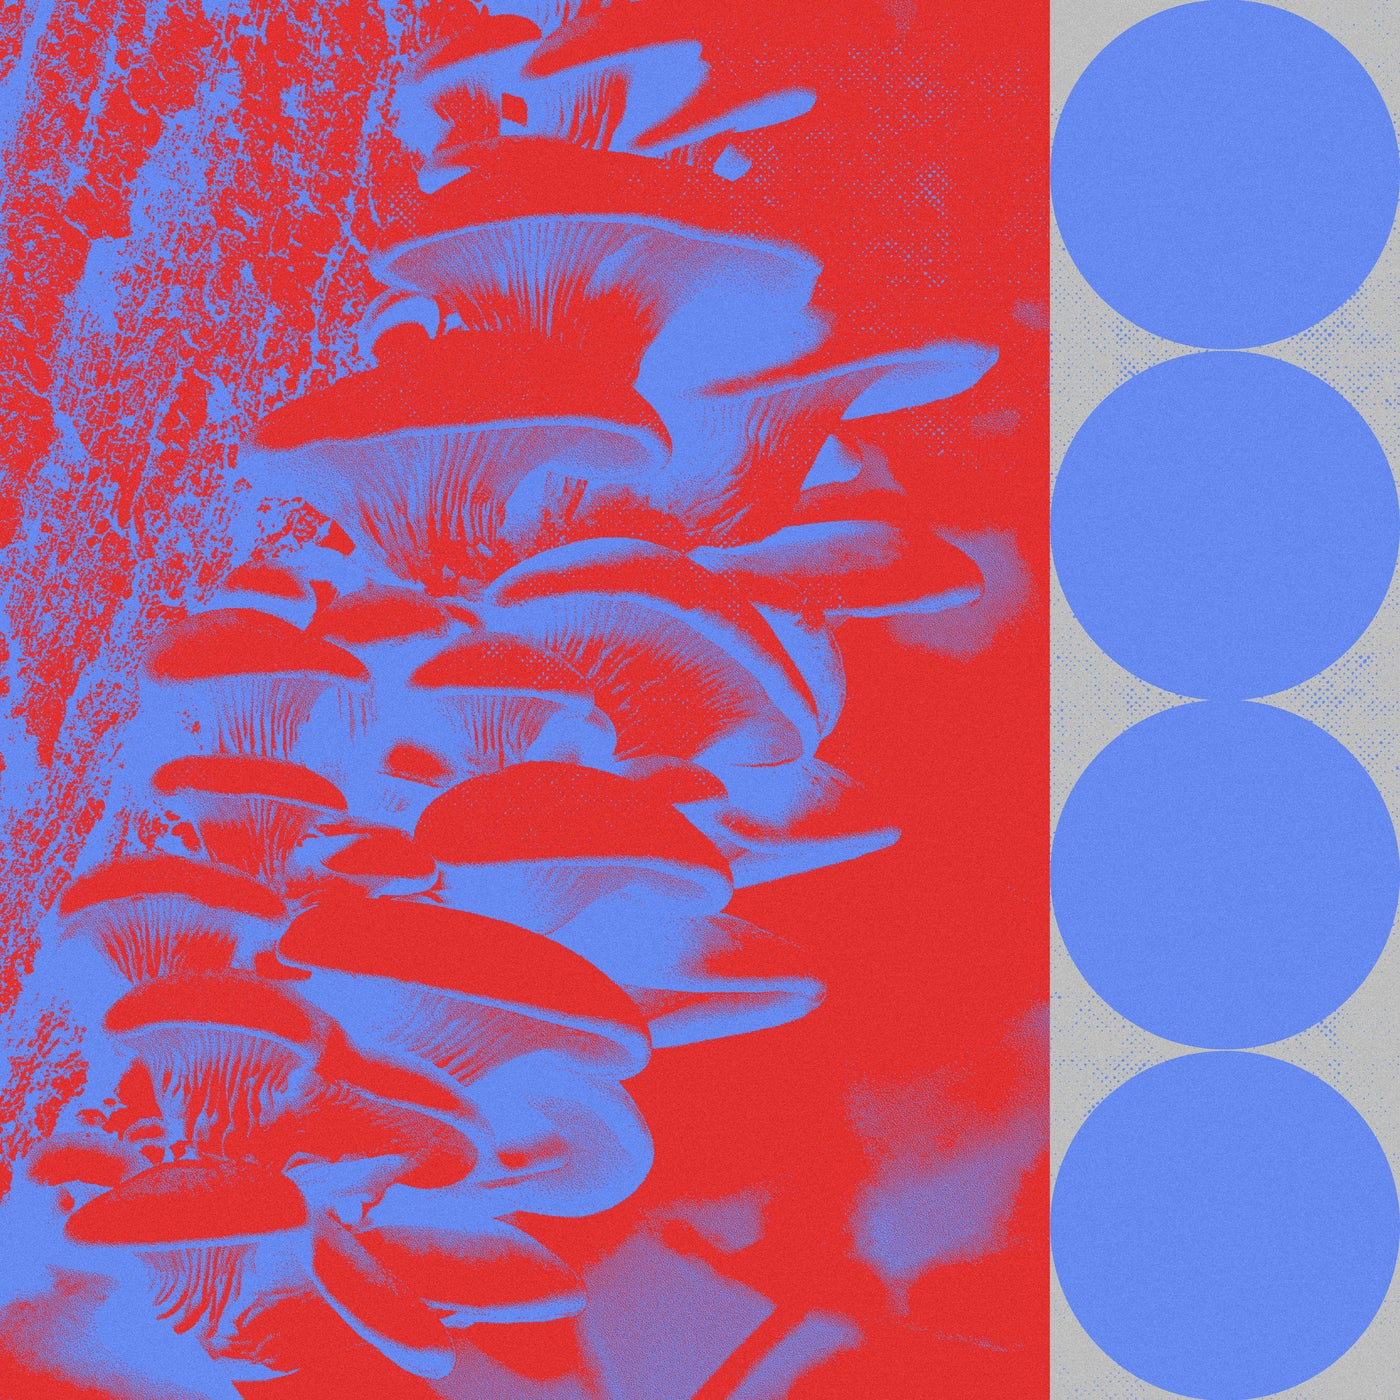 Download Ringo Bingo Remixes on Electrobuzz